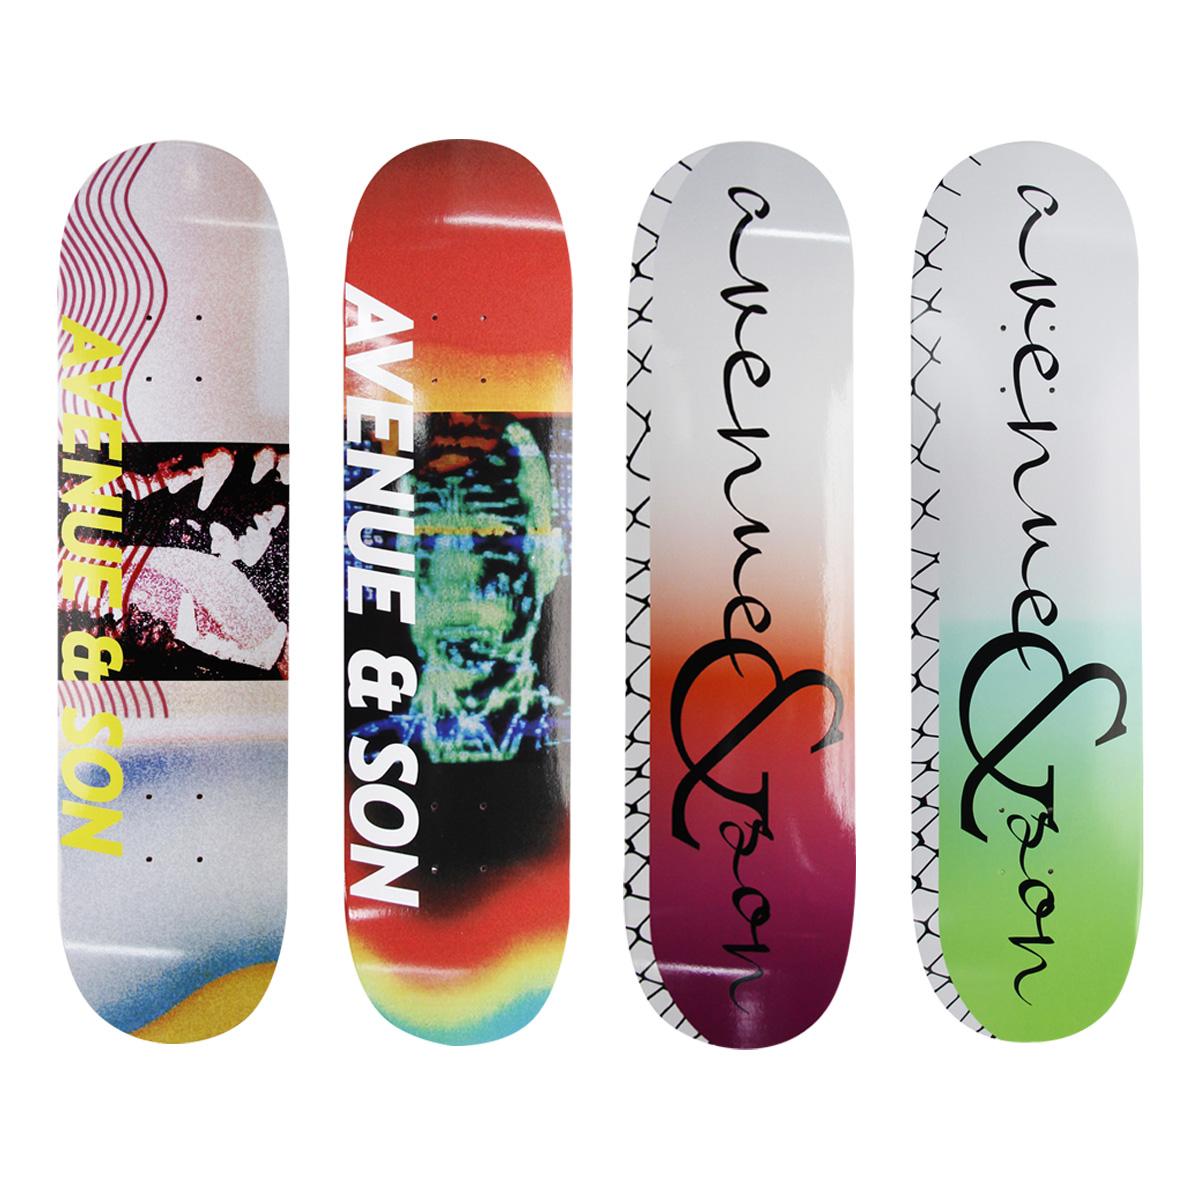 Avenue&son大道之子滑板板面 专业加拿大枫木电渡配色 1985滑板